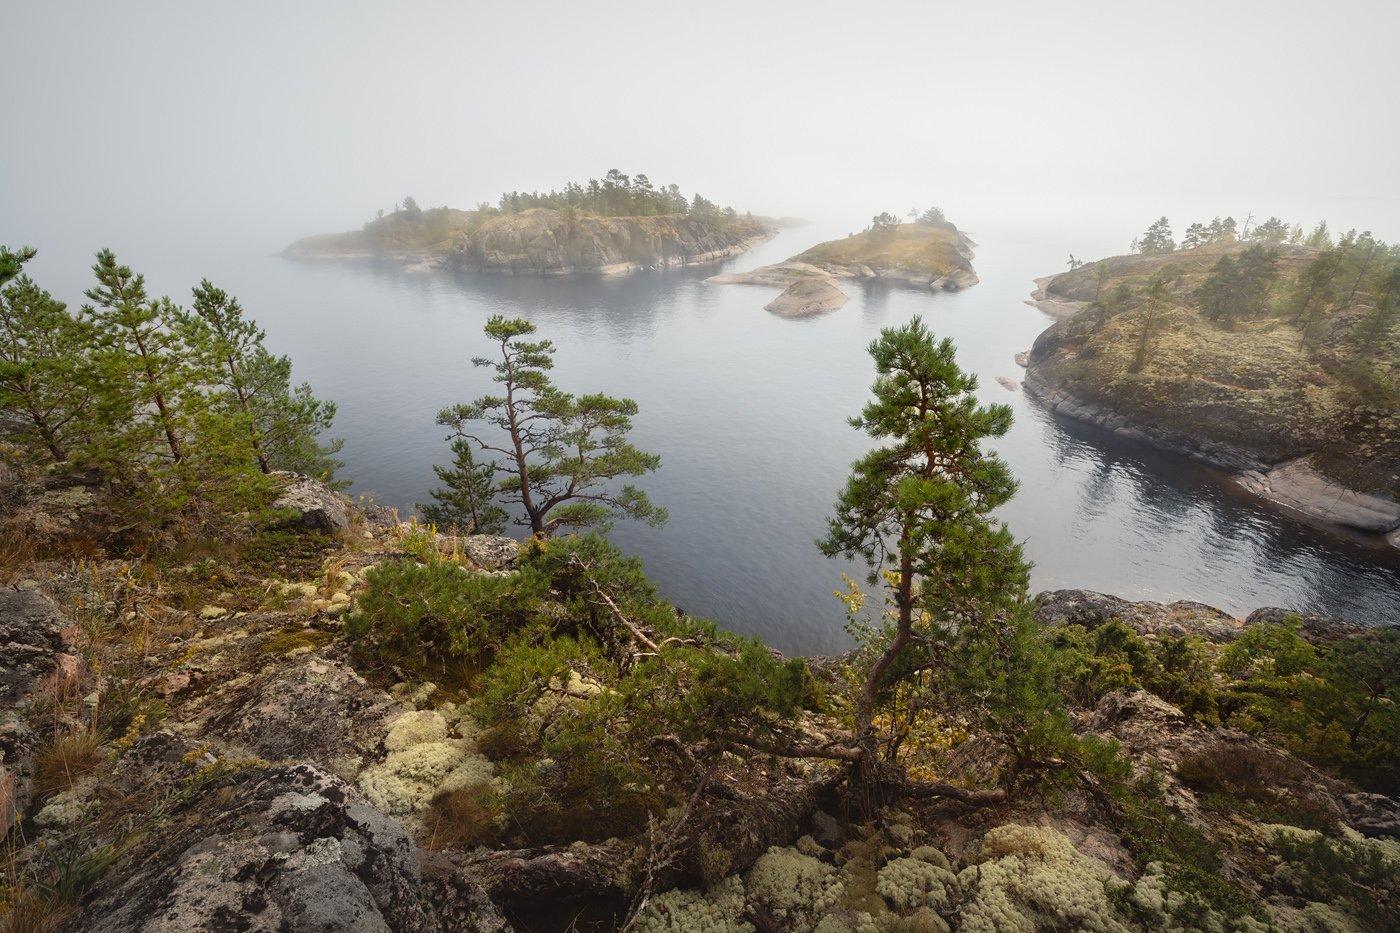 Ладожское озеро, туман, шхеры, острова, Карелия, Арсений Кашкаров